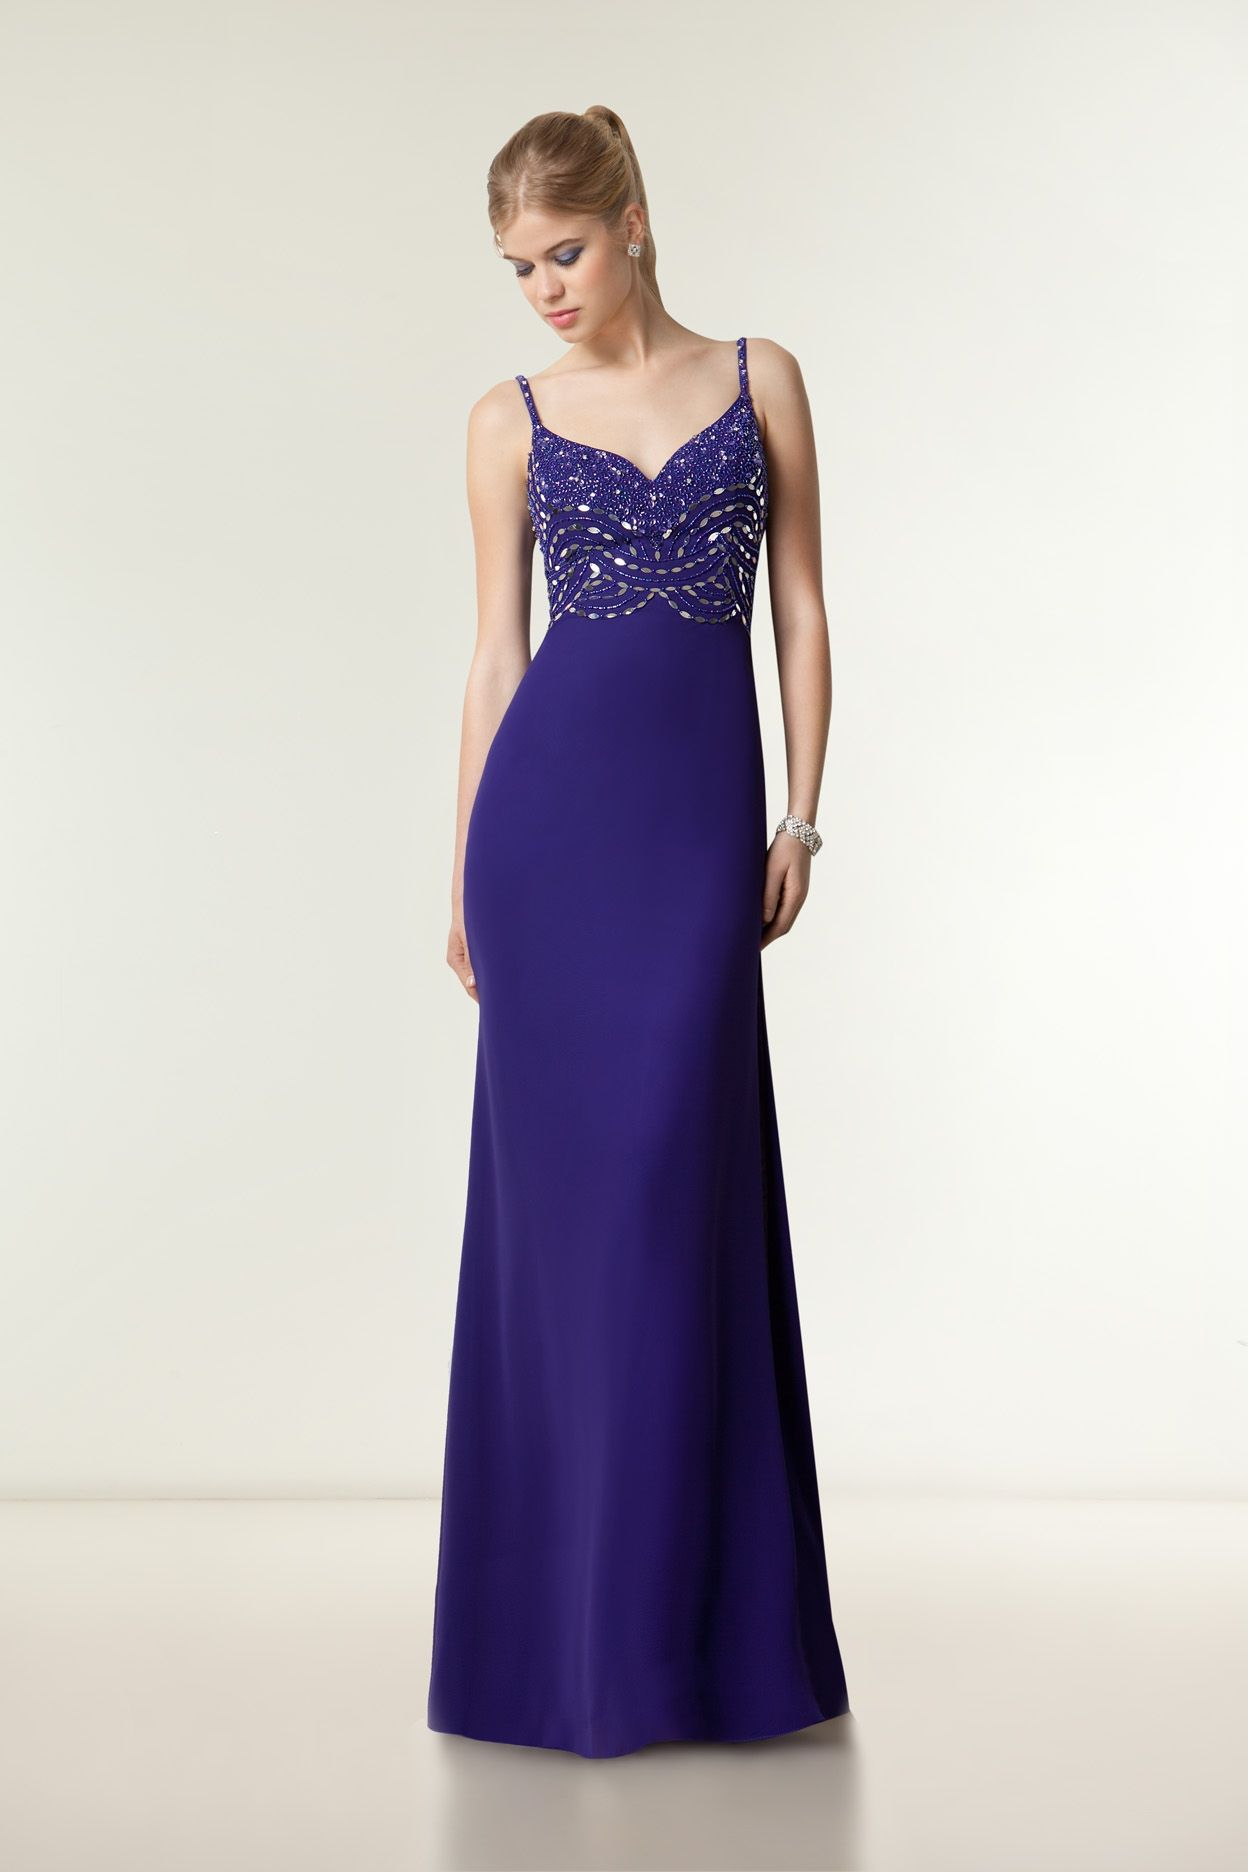 E271 - Vestido de Fiesta - Demetrios Bride | vestidos de noche ...